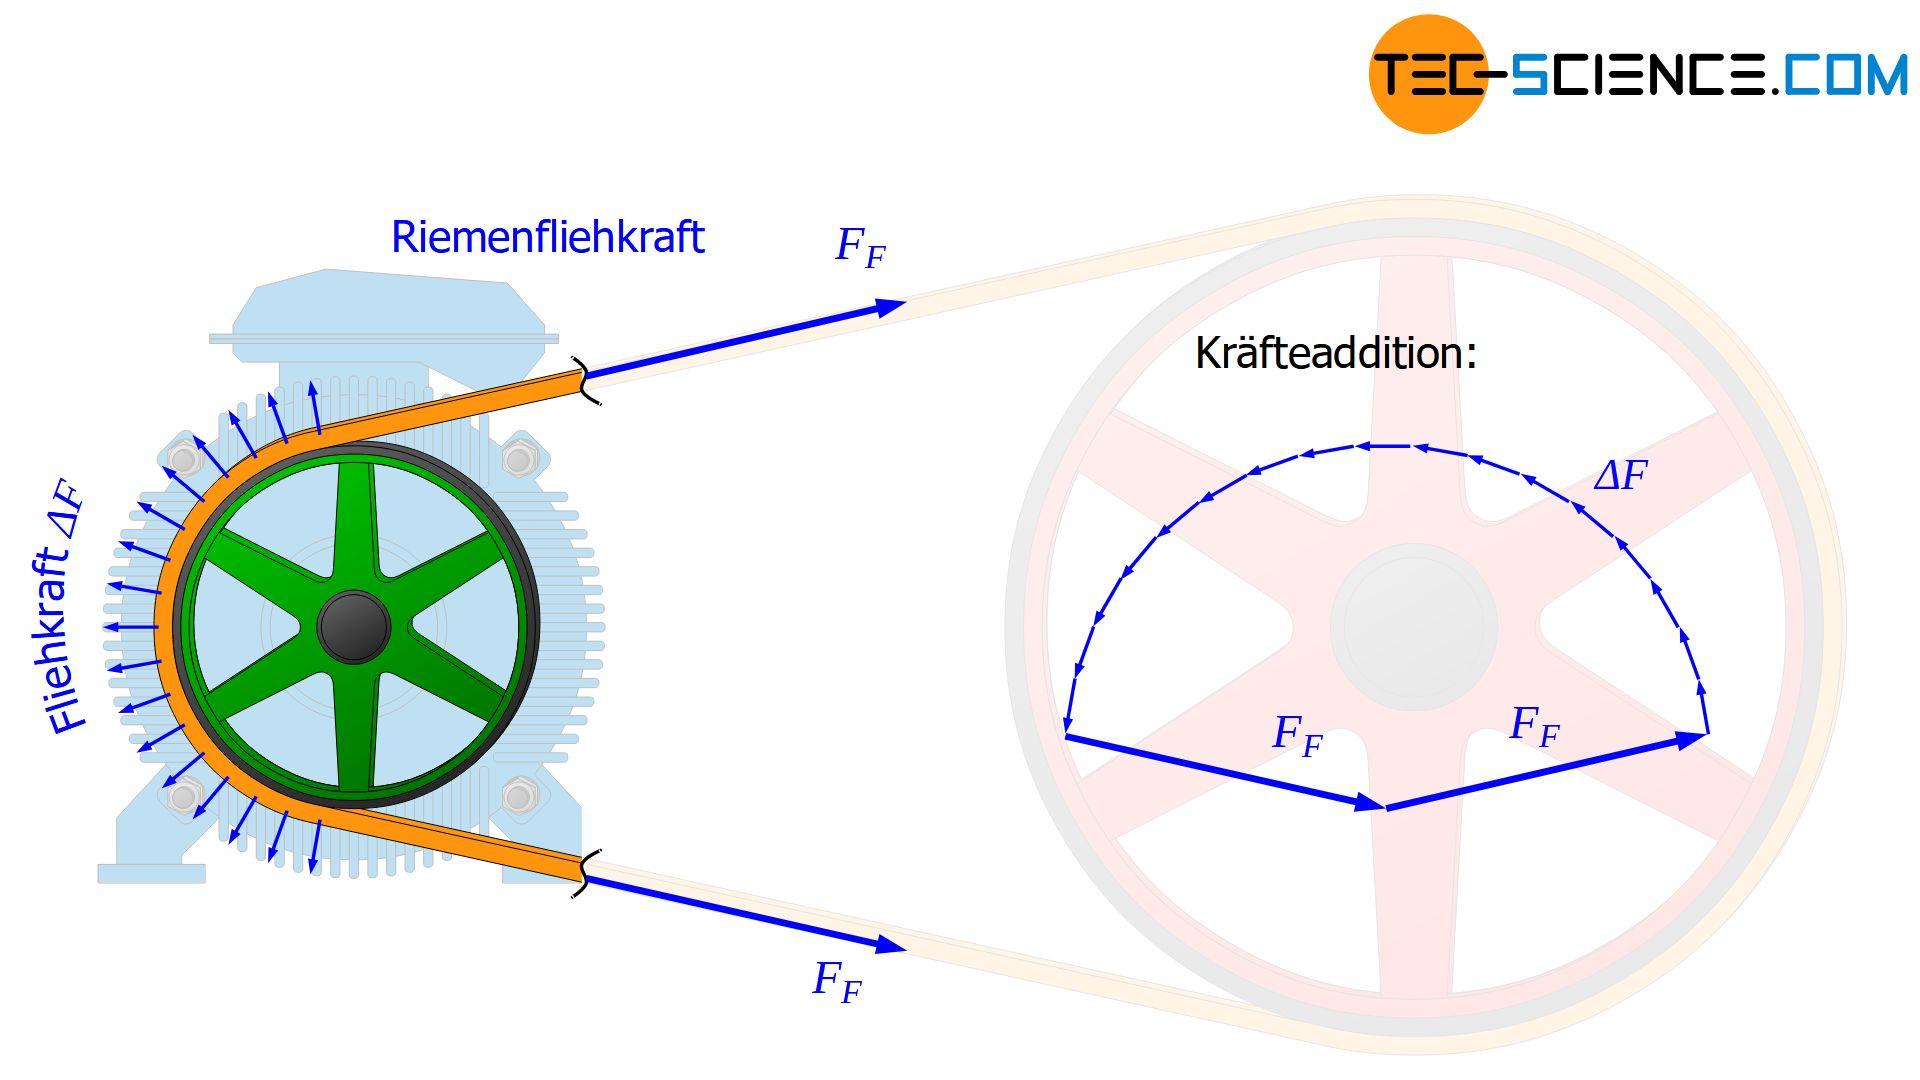 Kräfteaddition der Fliehkräfte und der Riemenfliehkraft